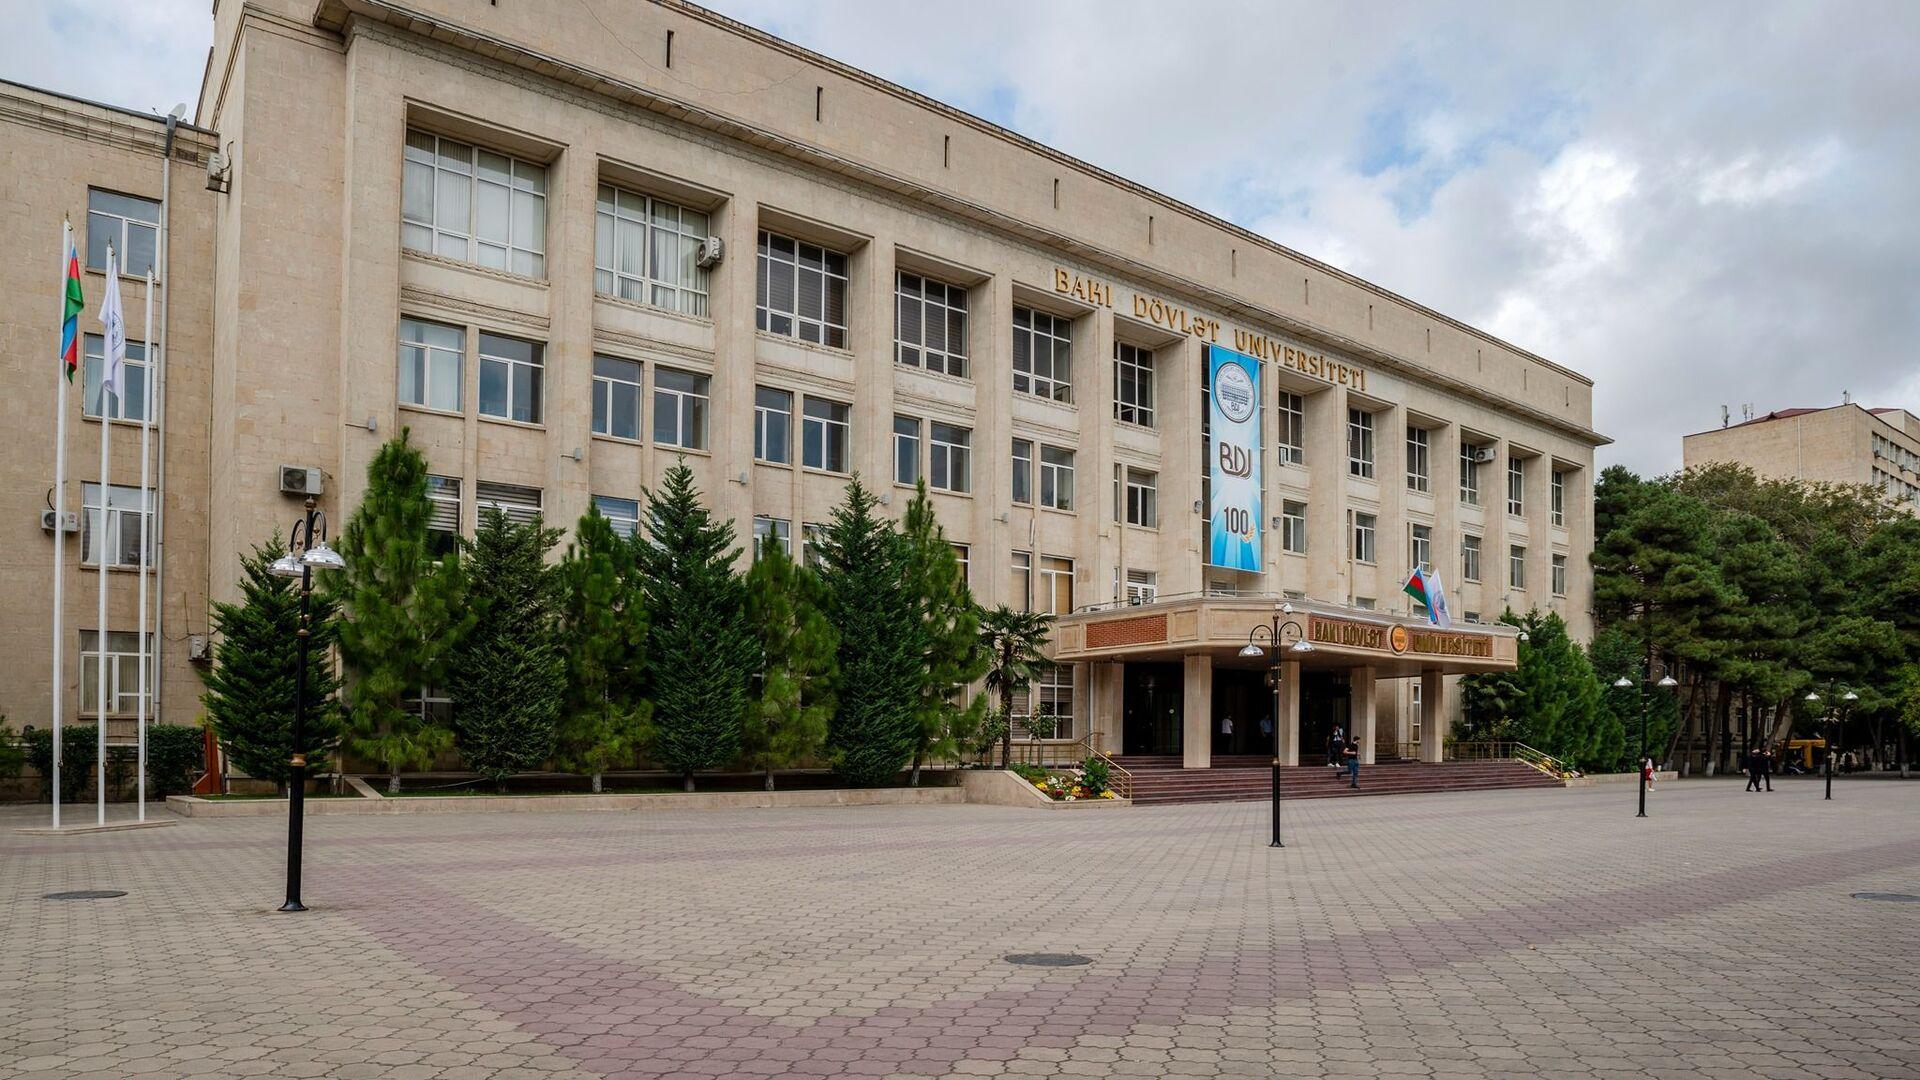 Bakı Dövlət Universitetinin binası, arxiv şəkli - Sputnik Азербайджан, 1920, 28.07.2021